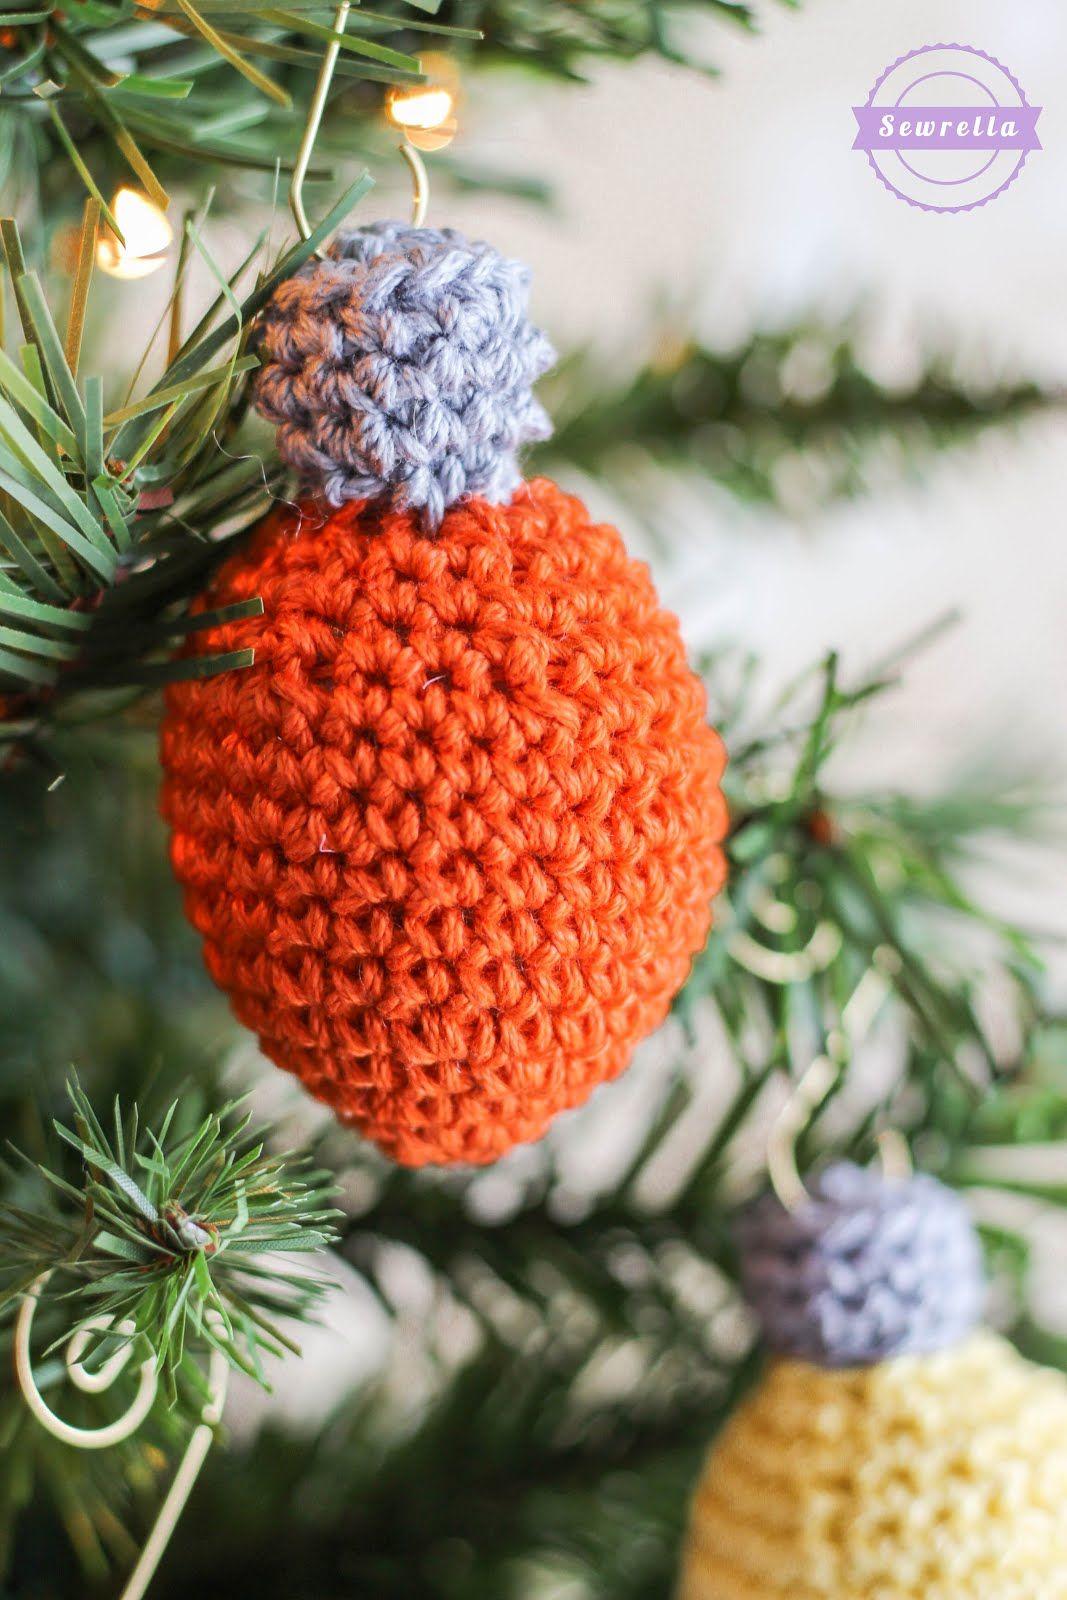 Christmas Lights Ornament Christmas Traditions Cal Sewrella Christmas Light Ornament Christmas Crochet Crochet Christmas Lights